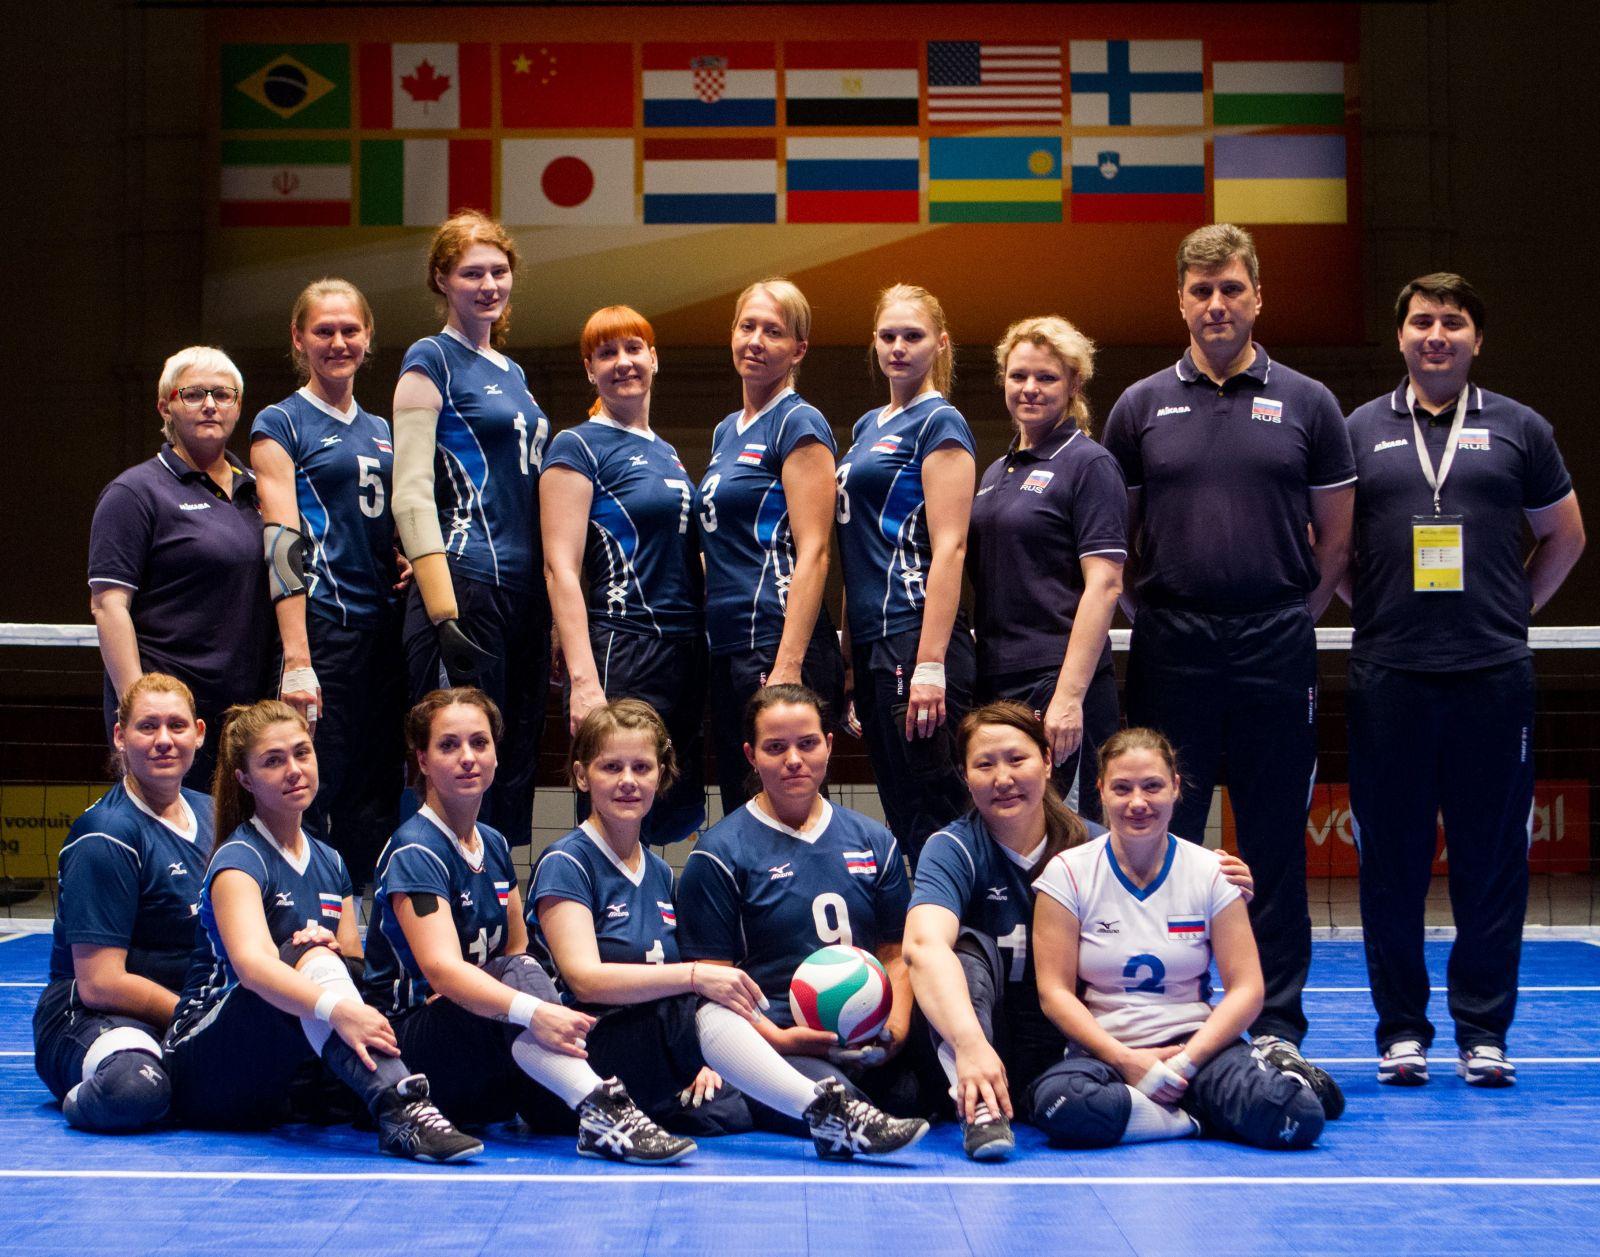 Женская сборная команда России по волейболу сидя примет участие в международных соревнованиях в Венгрии